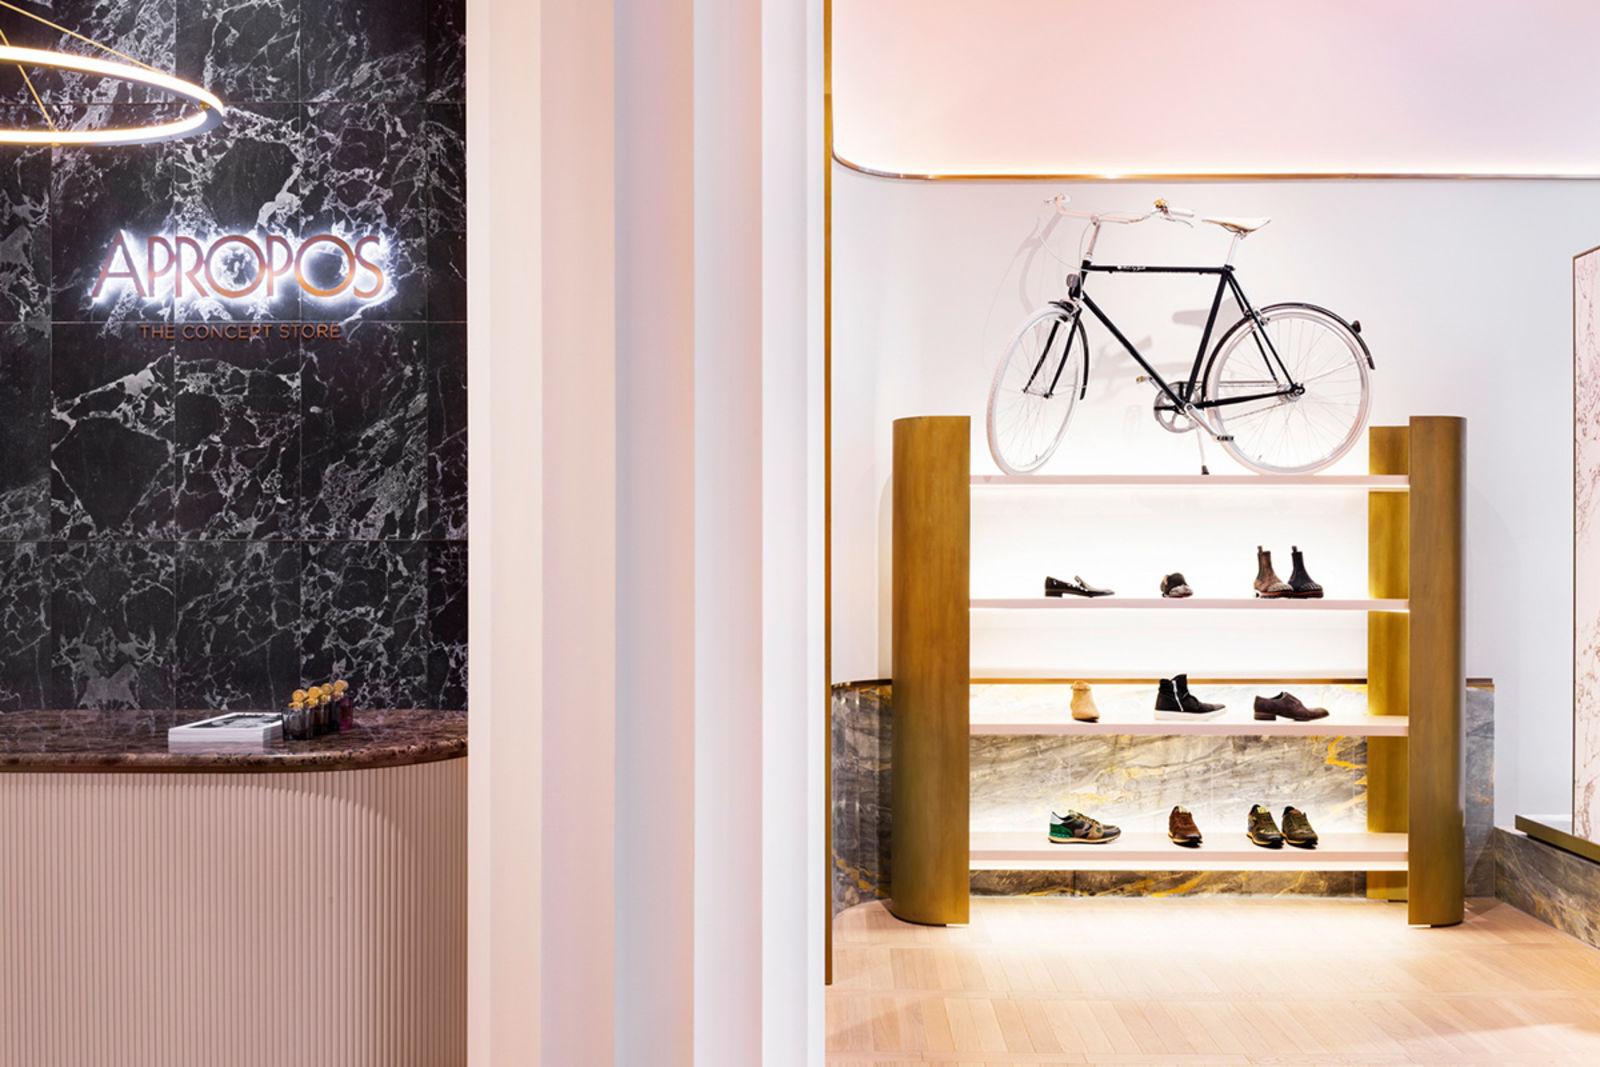 APROPOPS The Concept Store in Hamburg (Bild 3)